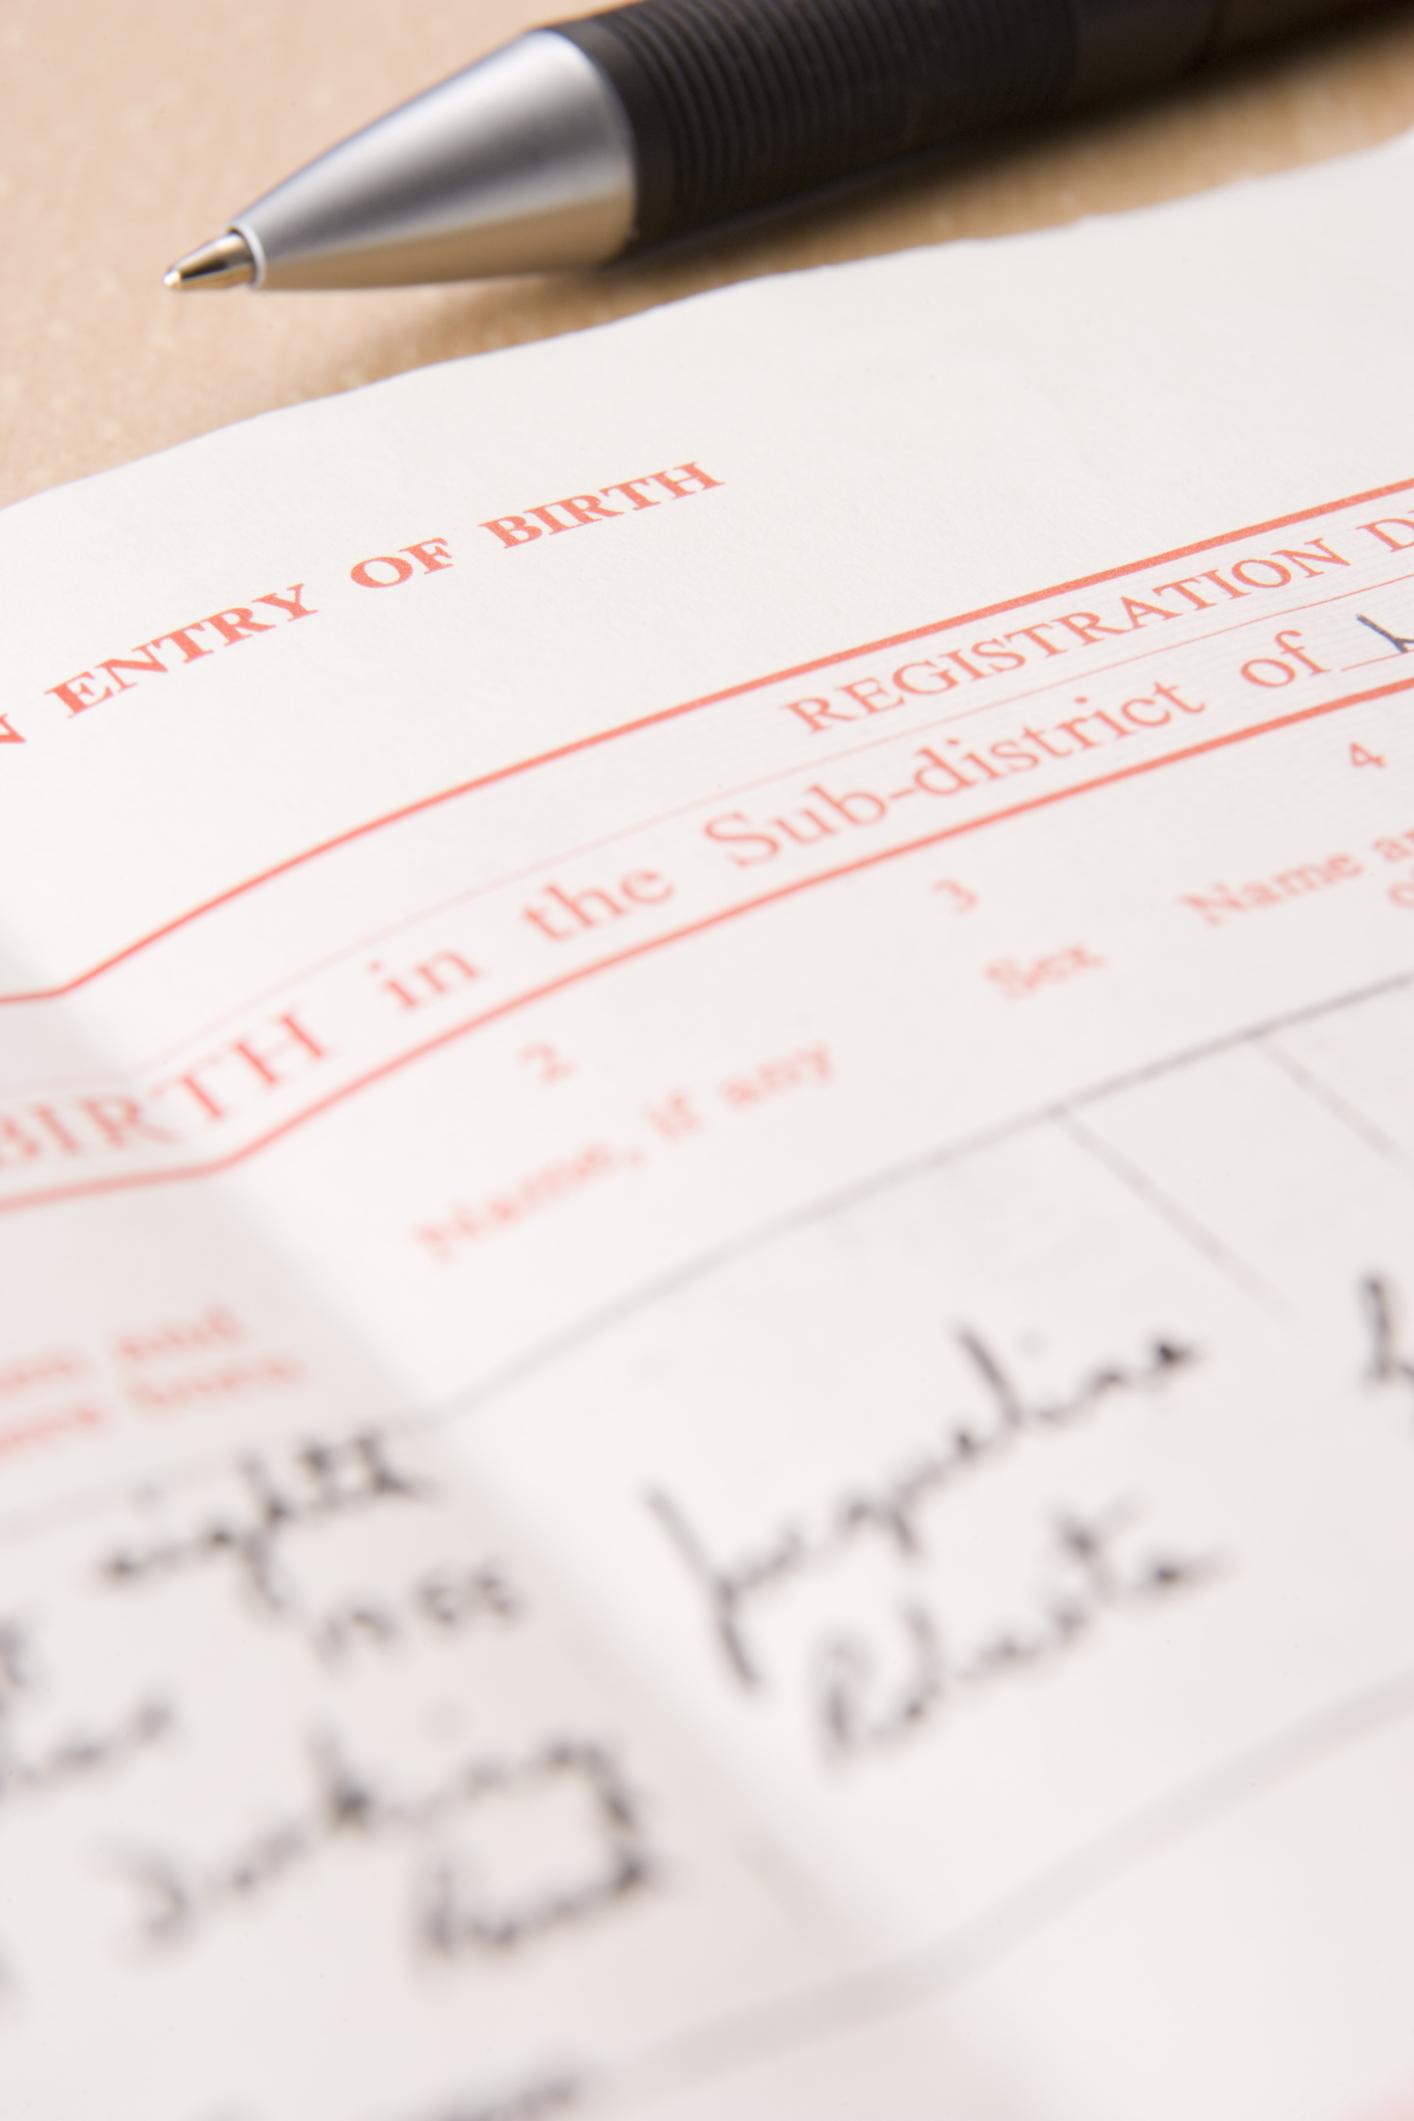 Cómo puedo incluir el nombre del padre de mi hijo en su certificado ...